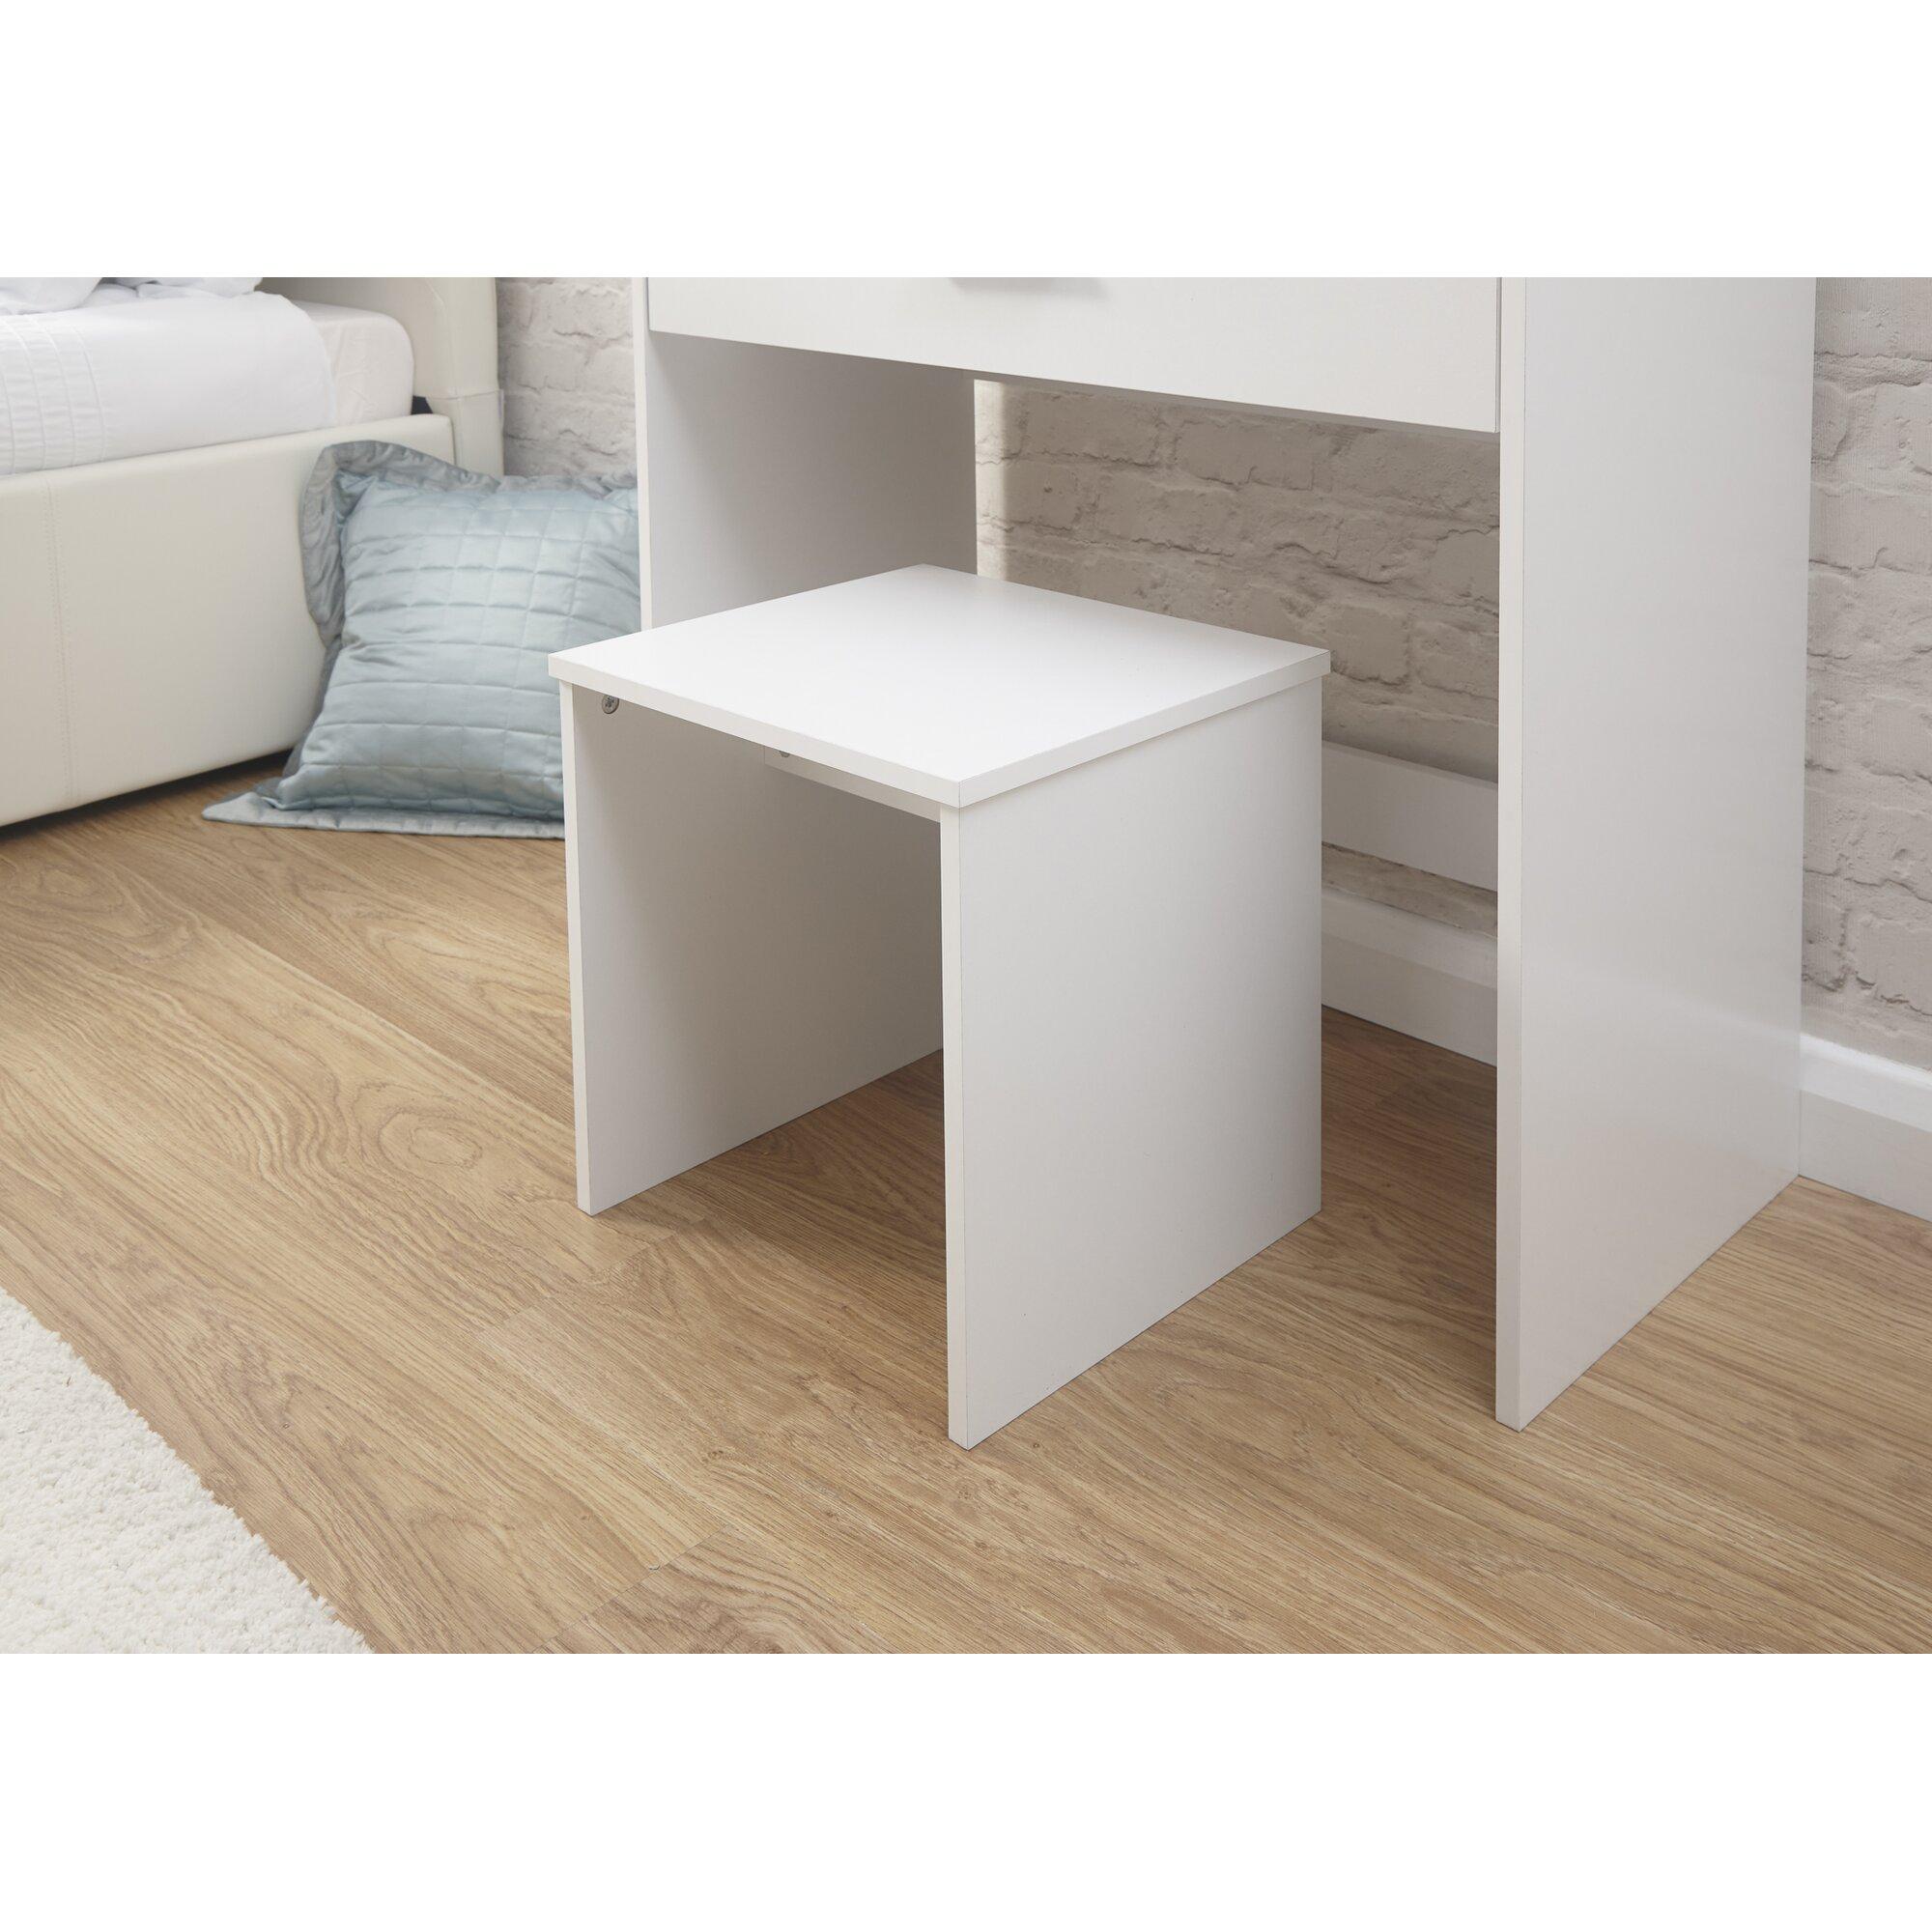 modern you schminktisch set uli mit spiegel bewertungen. Black Bedroom Furniture Sets. Home Design Ideas